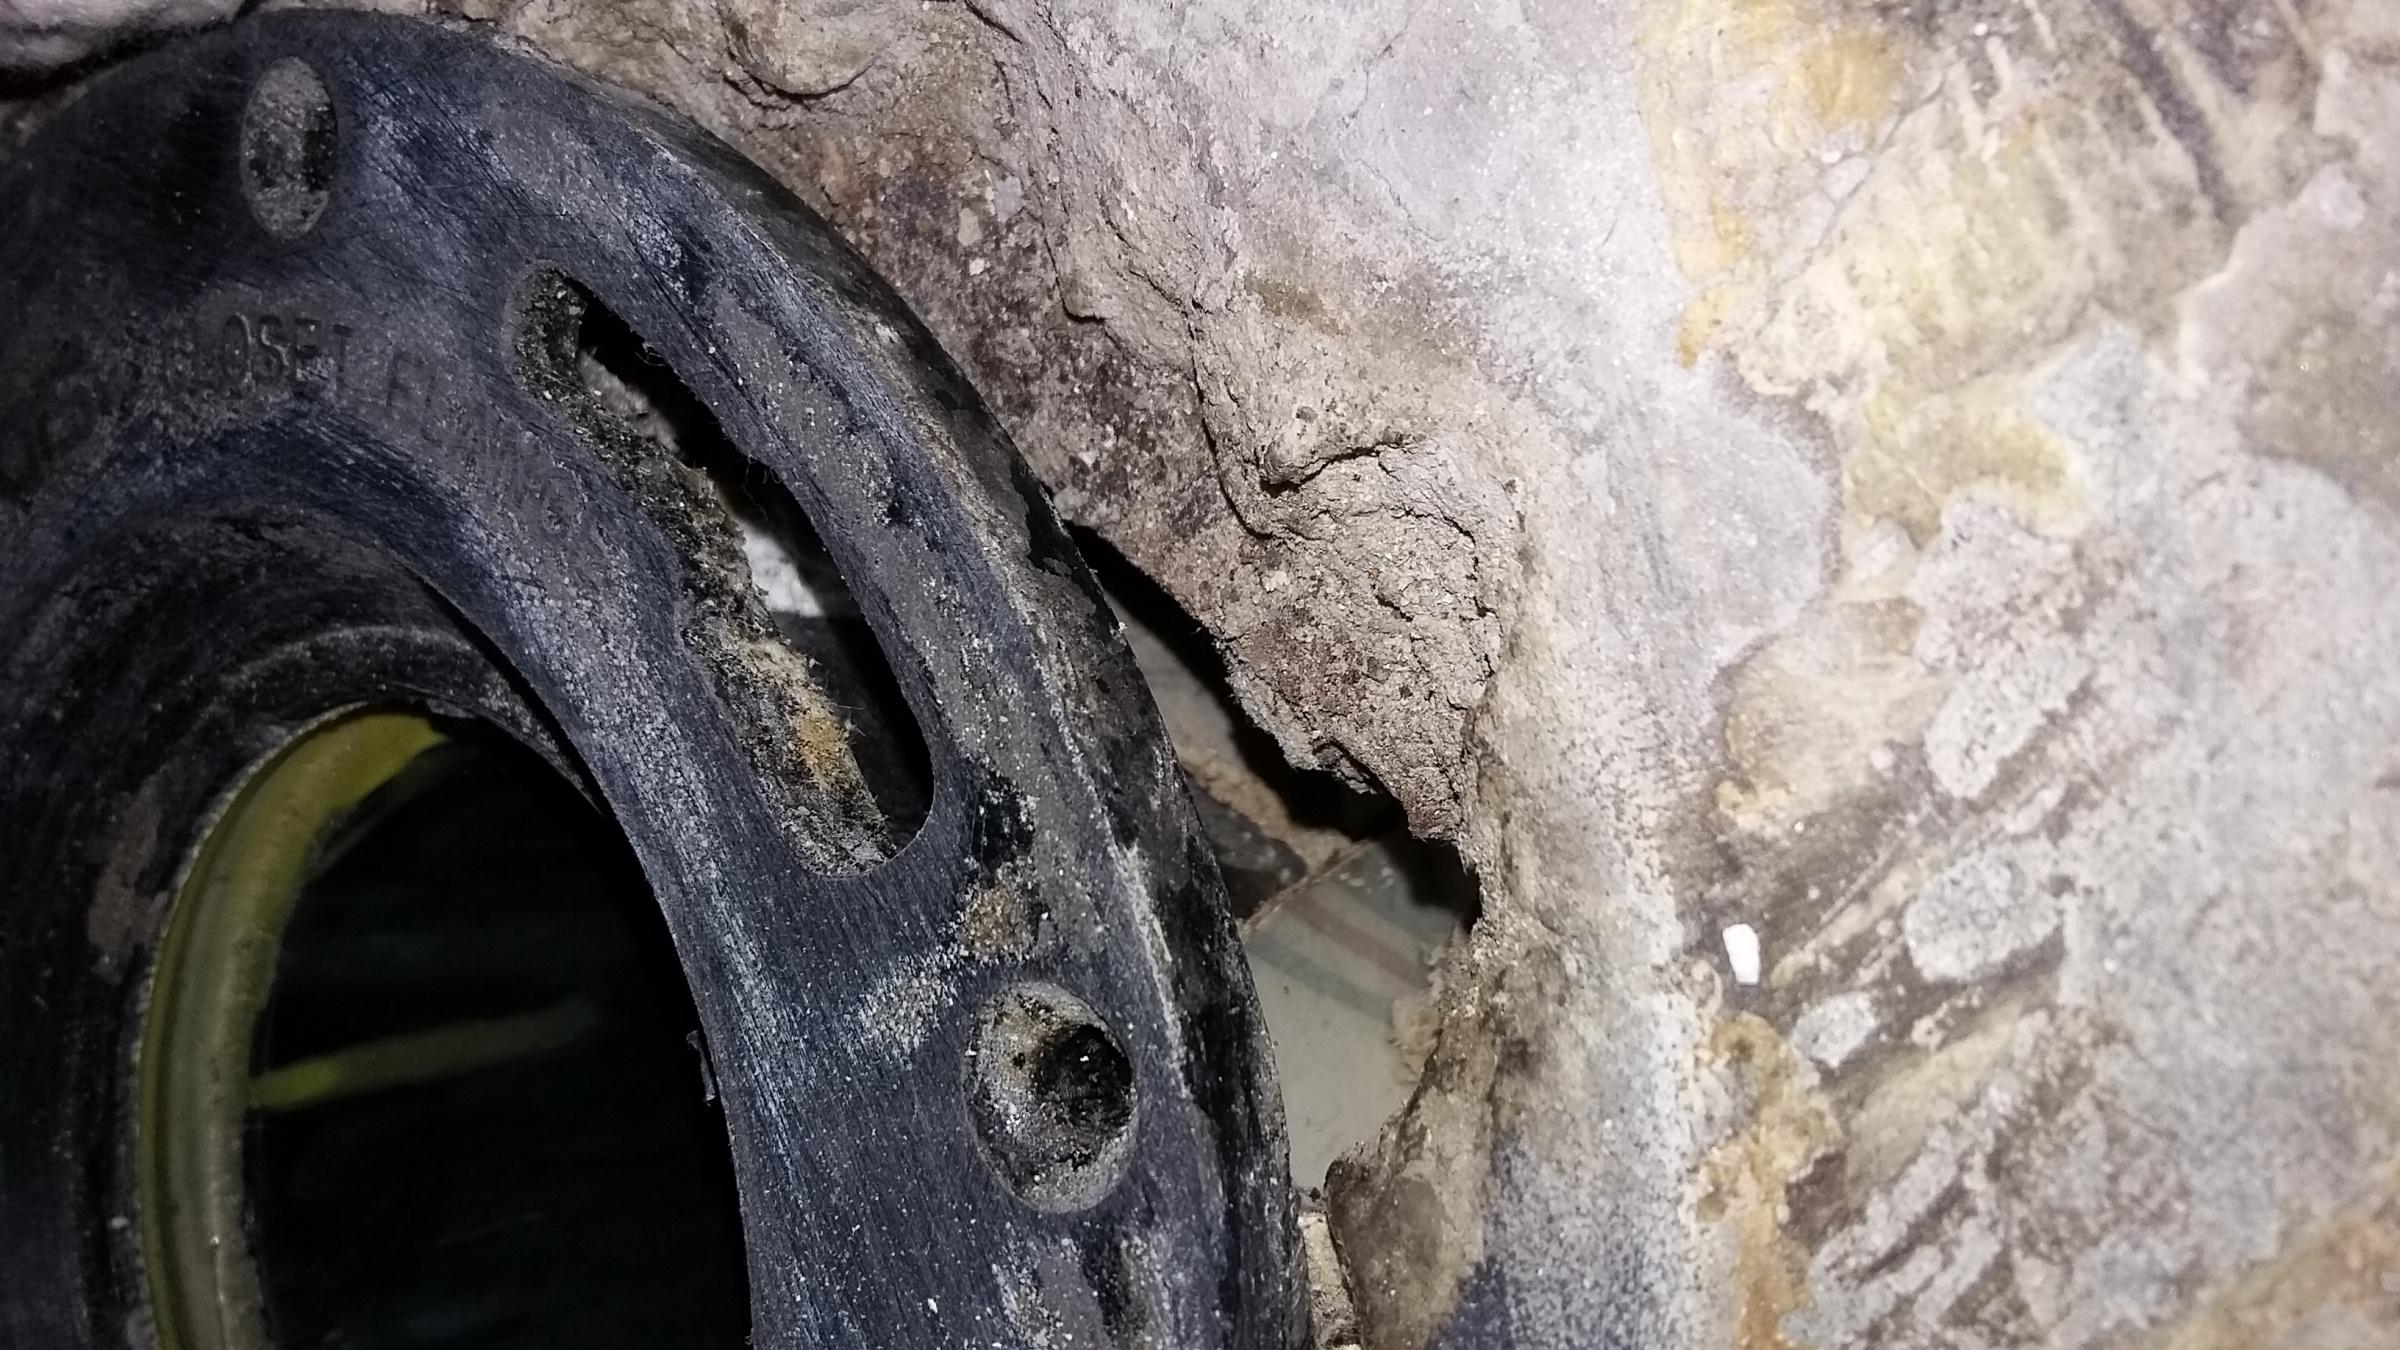 Damaged concrete at closet flange-toilet-flange-5-.jpg